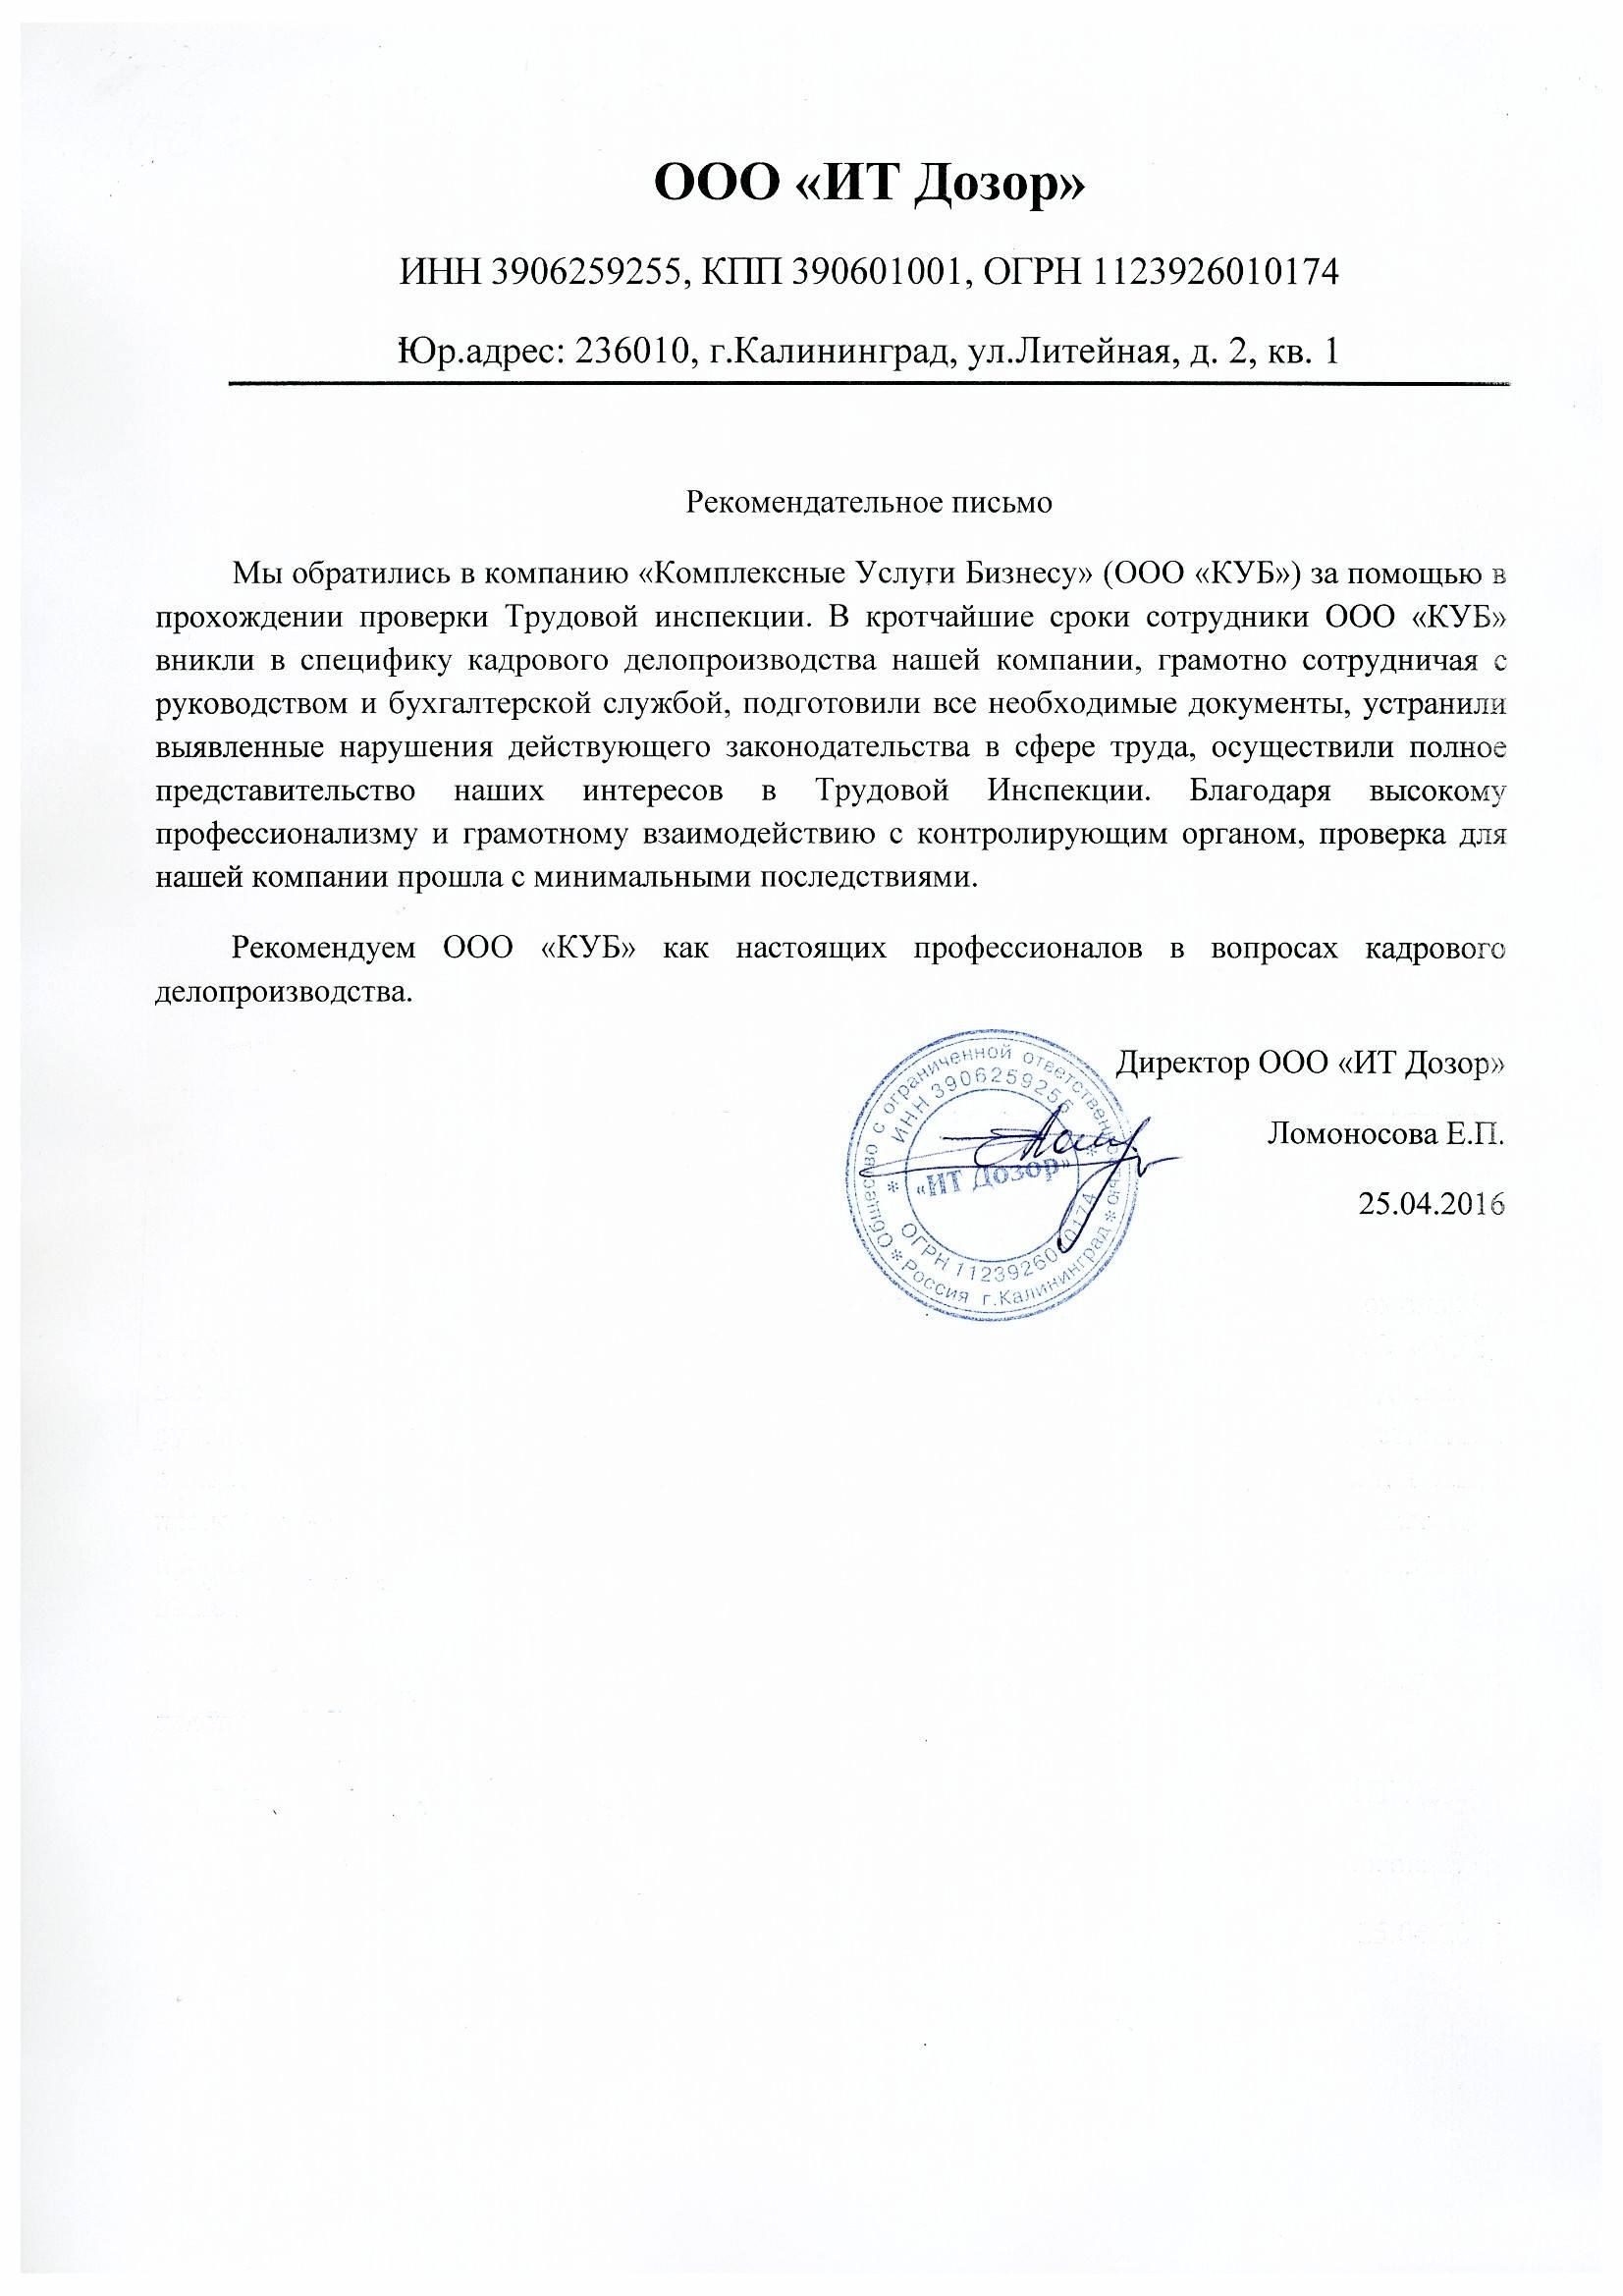 Скан отзыва от Рекомендательное письмо от ООО «ИТ Дозор»